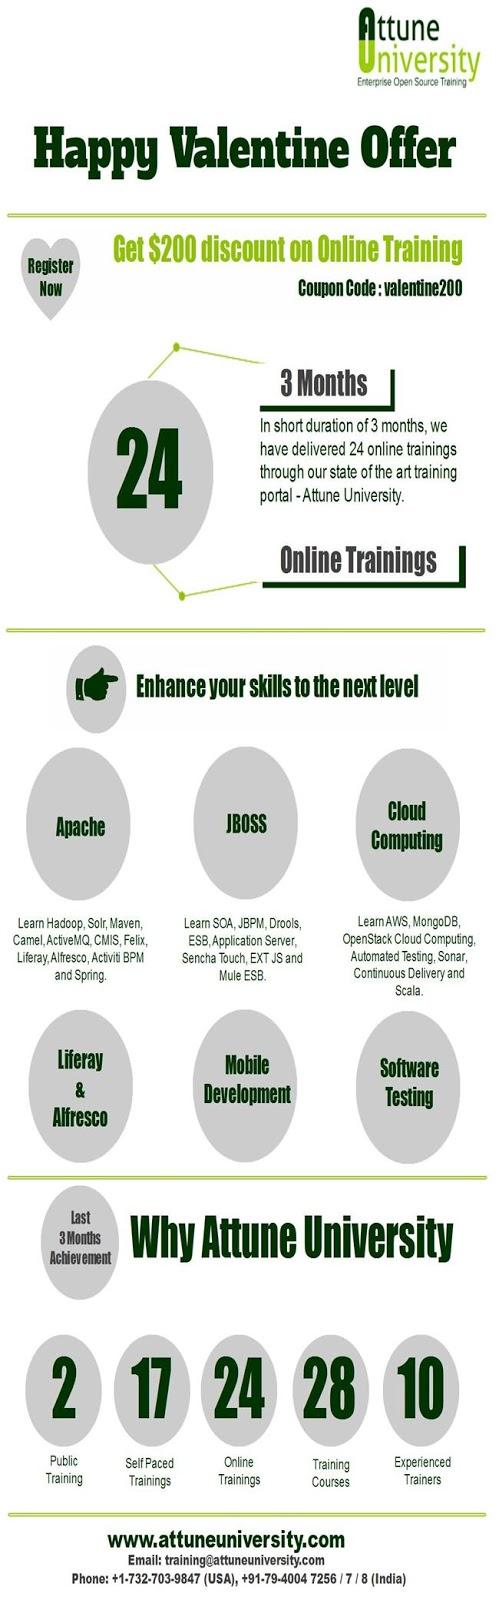 Online Enterprise Open Source Training |Liferay | Cloud